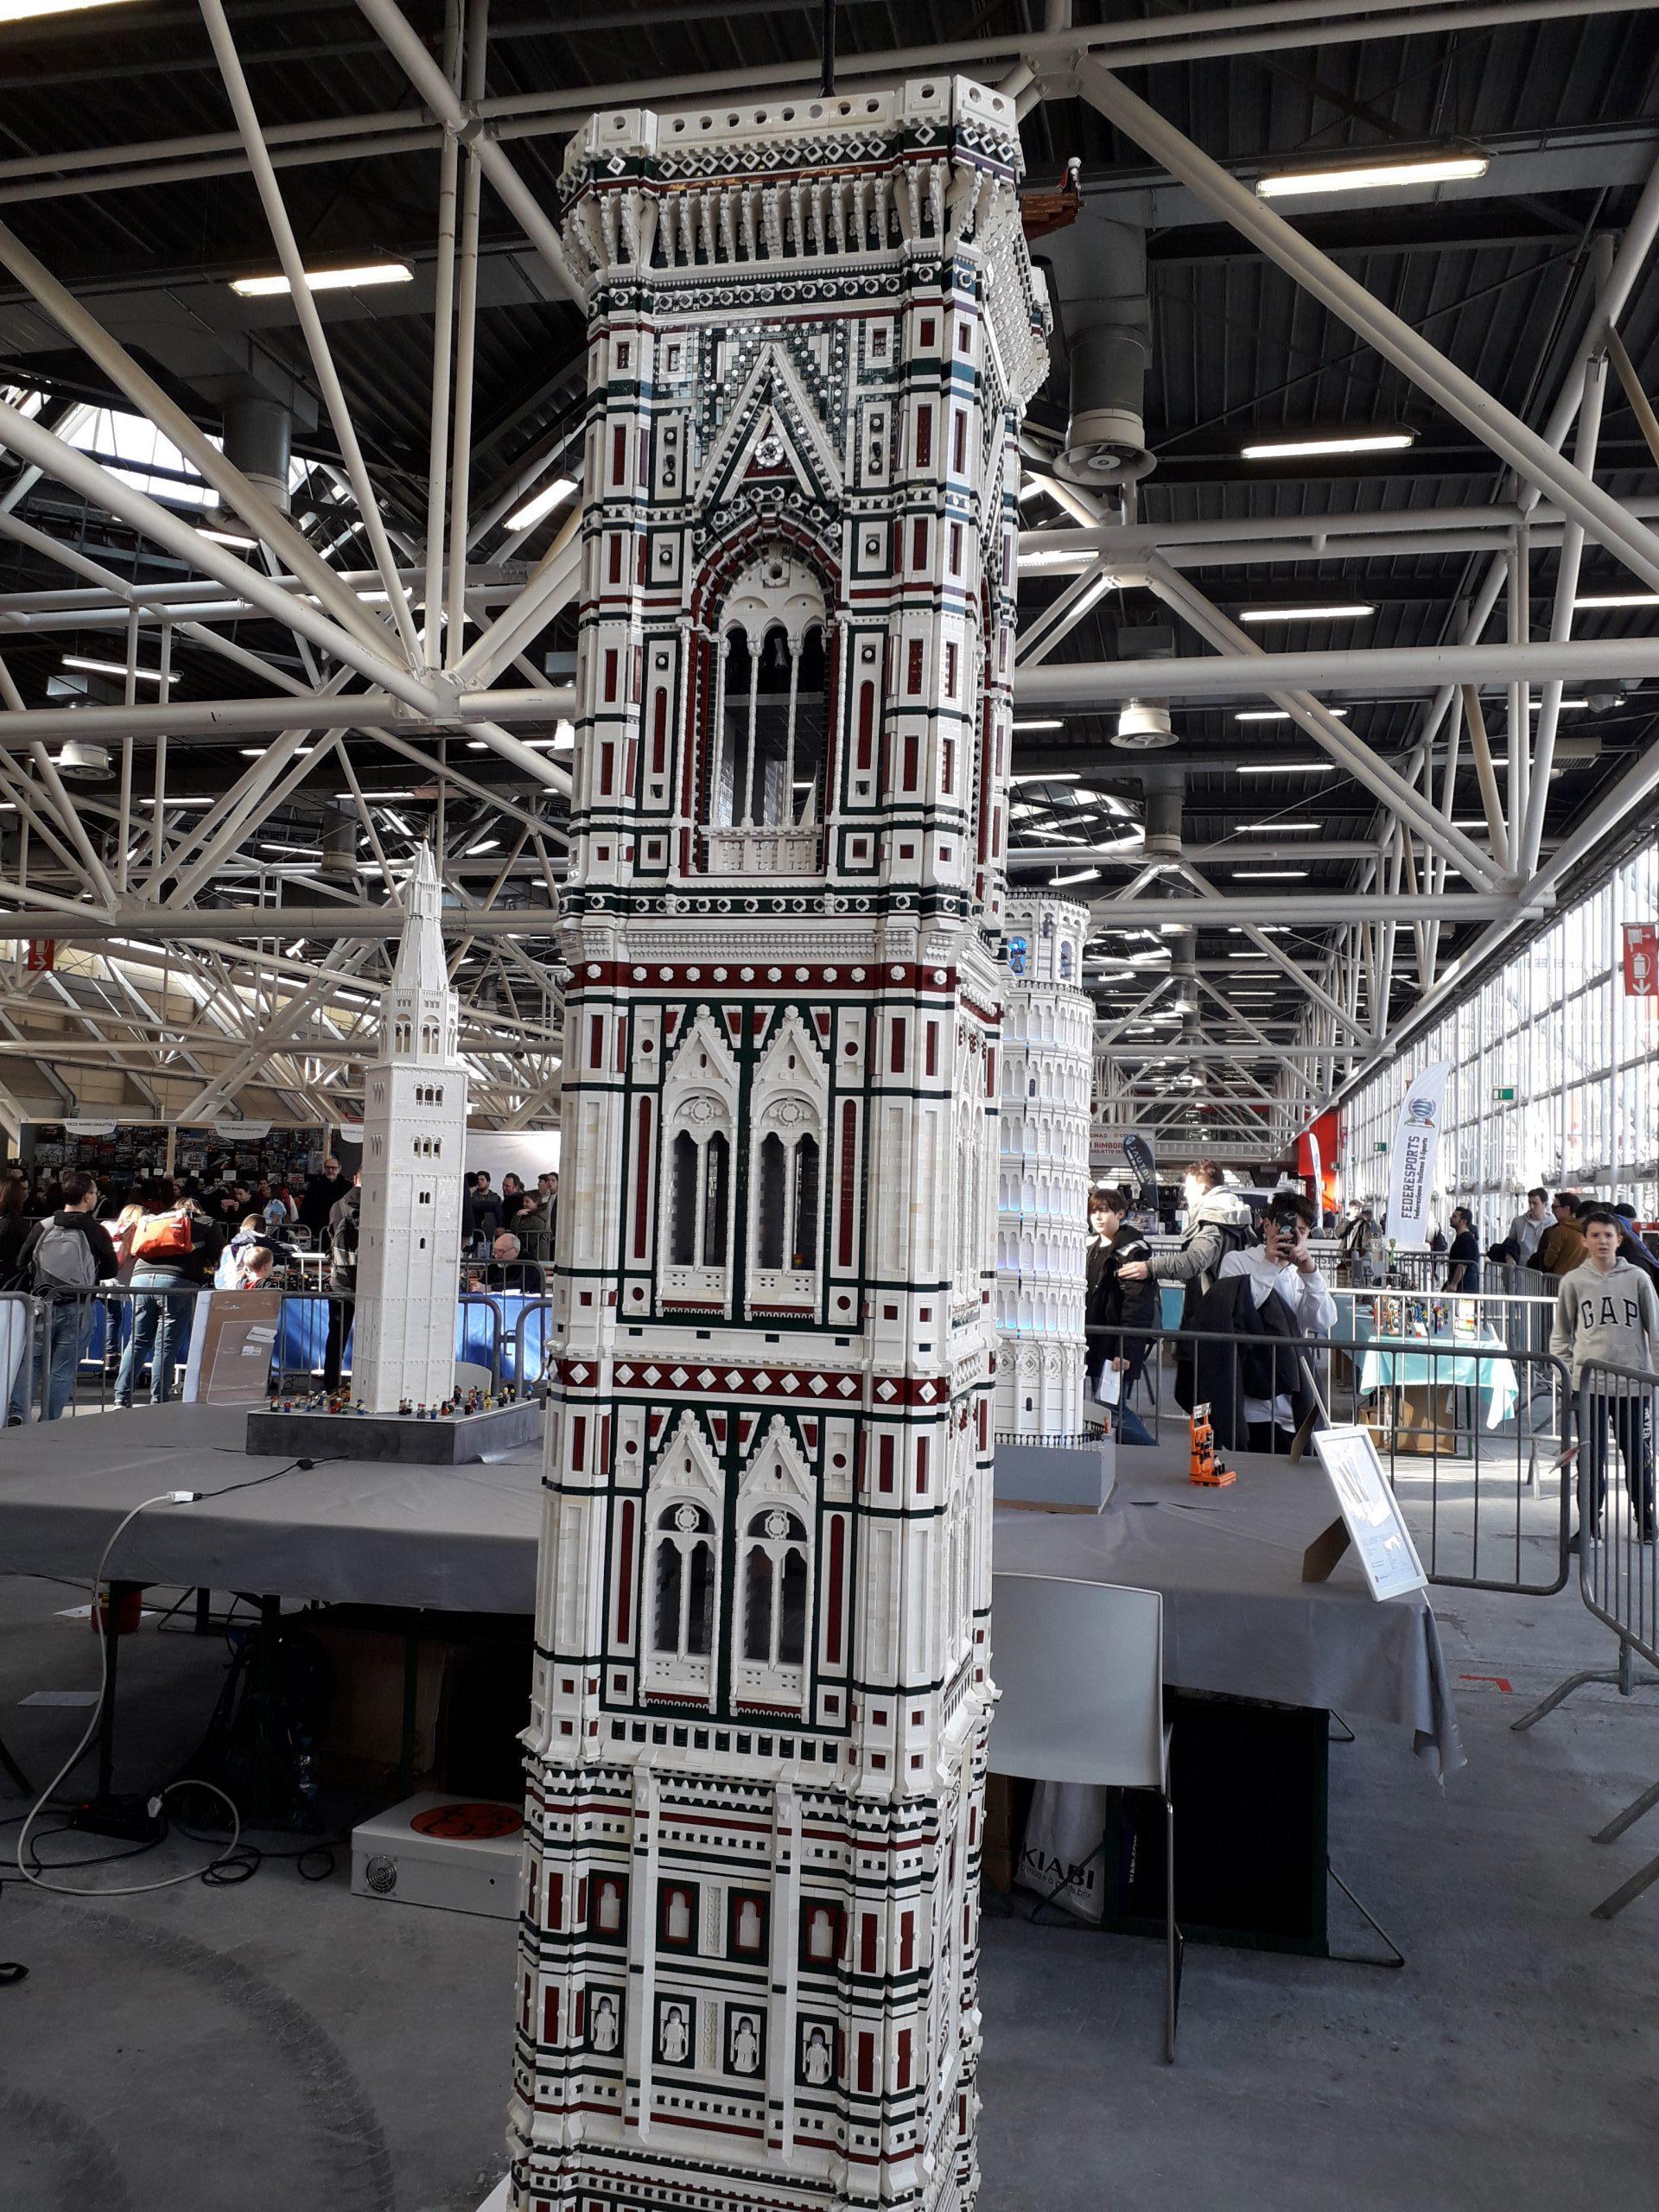 Immagine campanile di Giotto fatto coi lego al Nerd Show